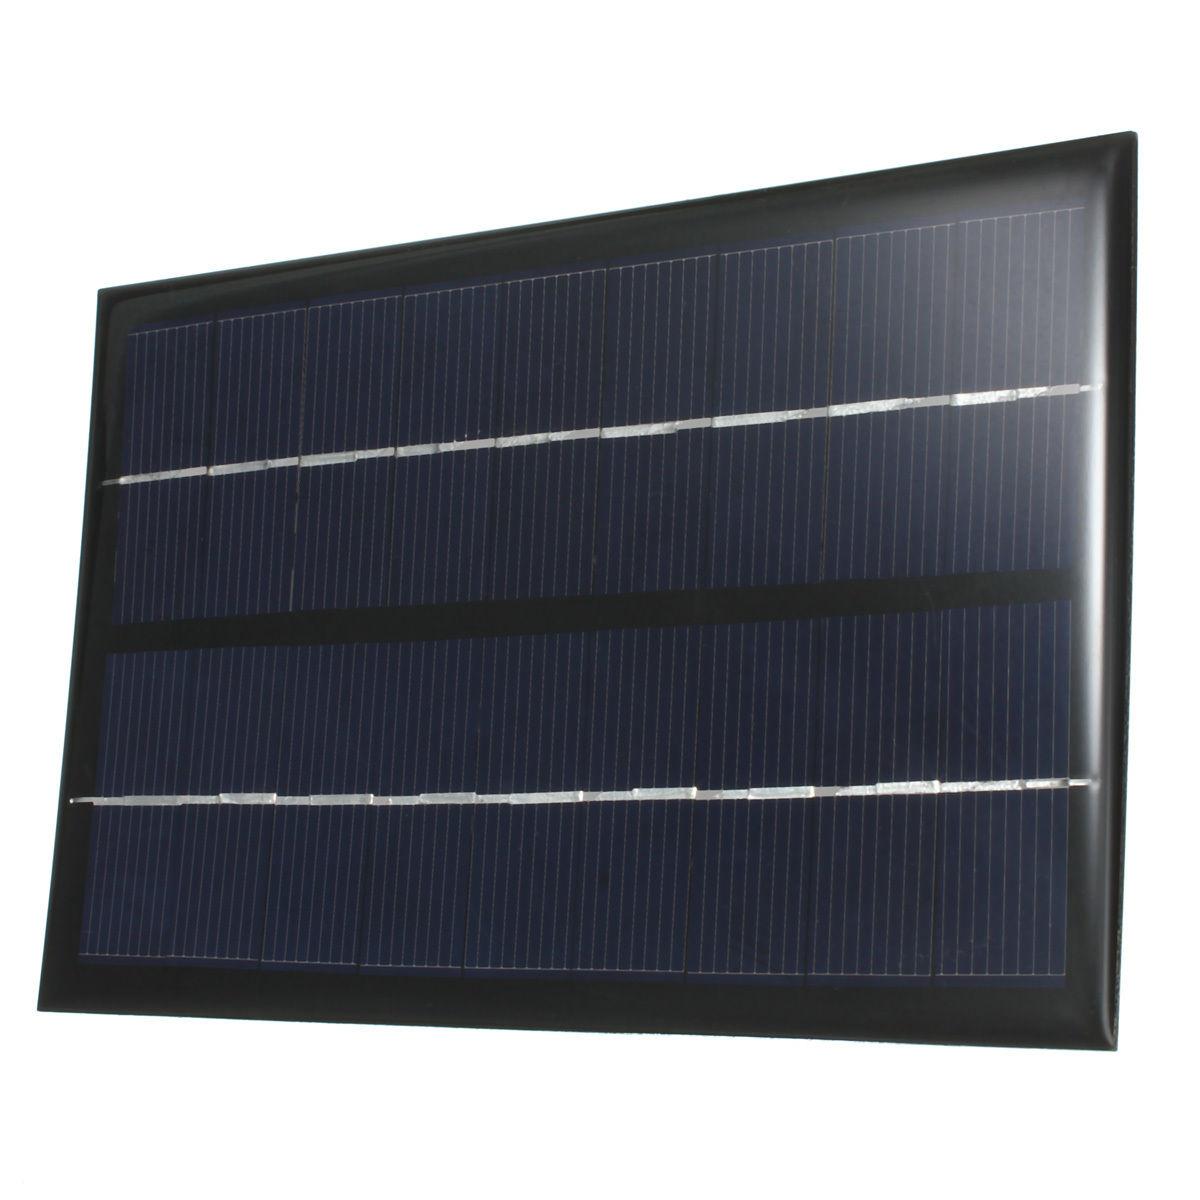 Pannello Solare Per Box Auto : V pannello solare fotovoltaico per auto